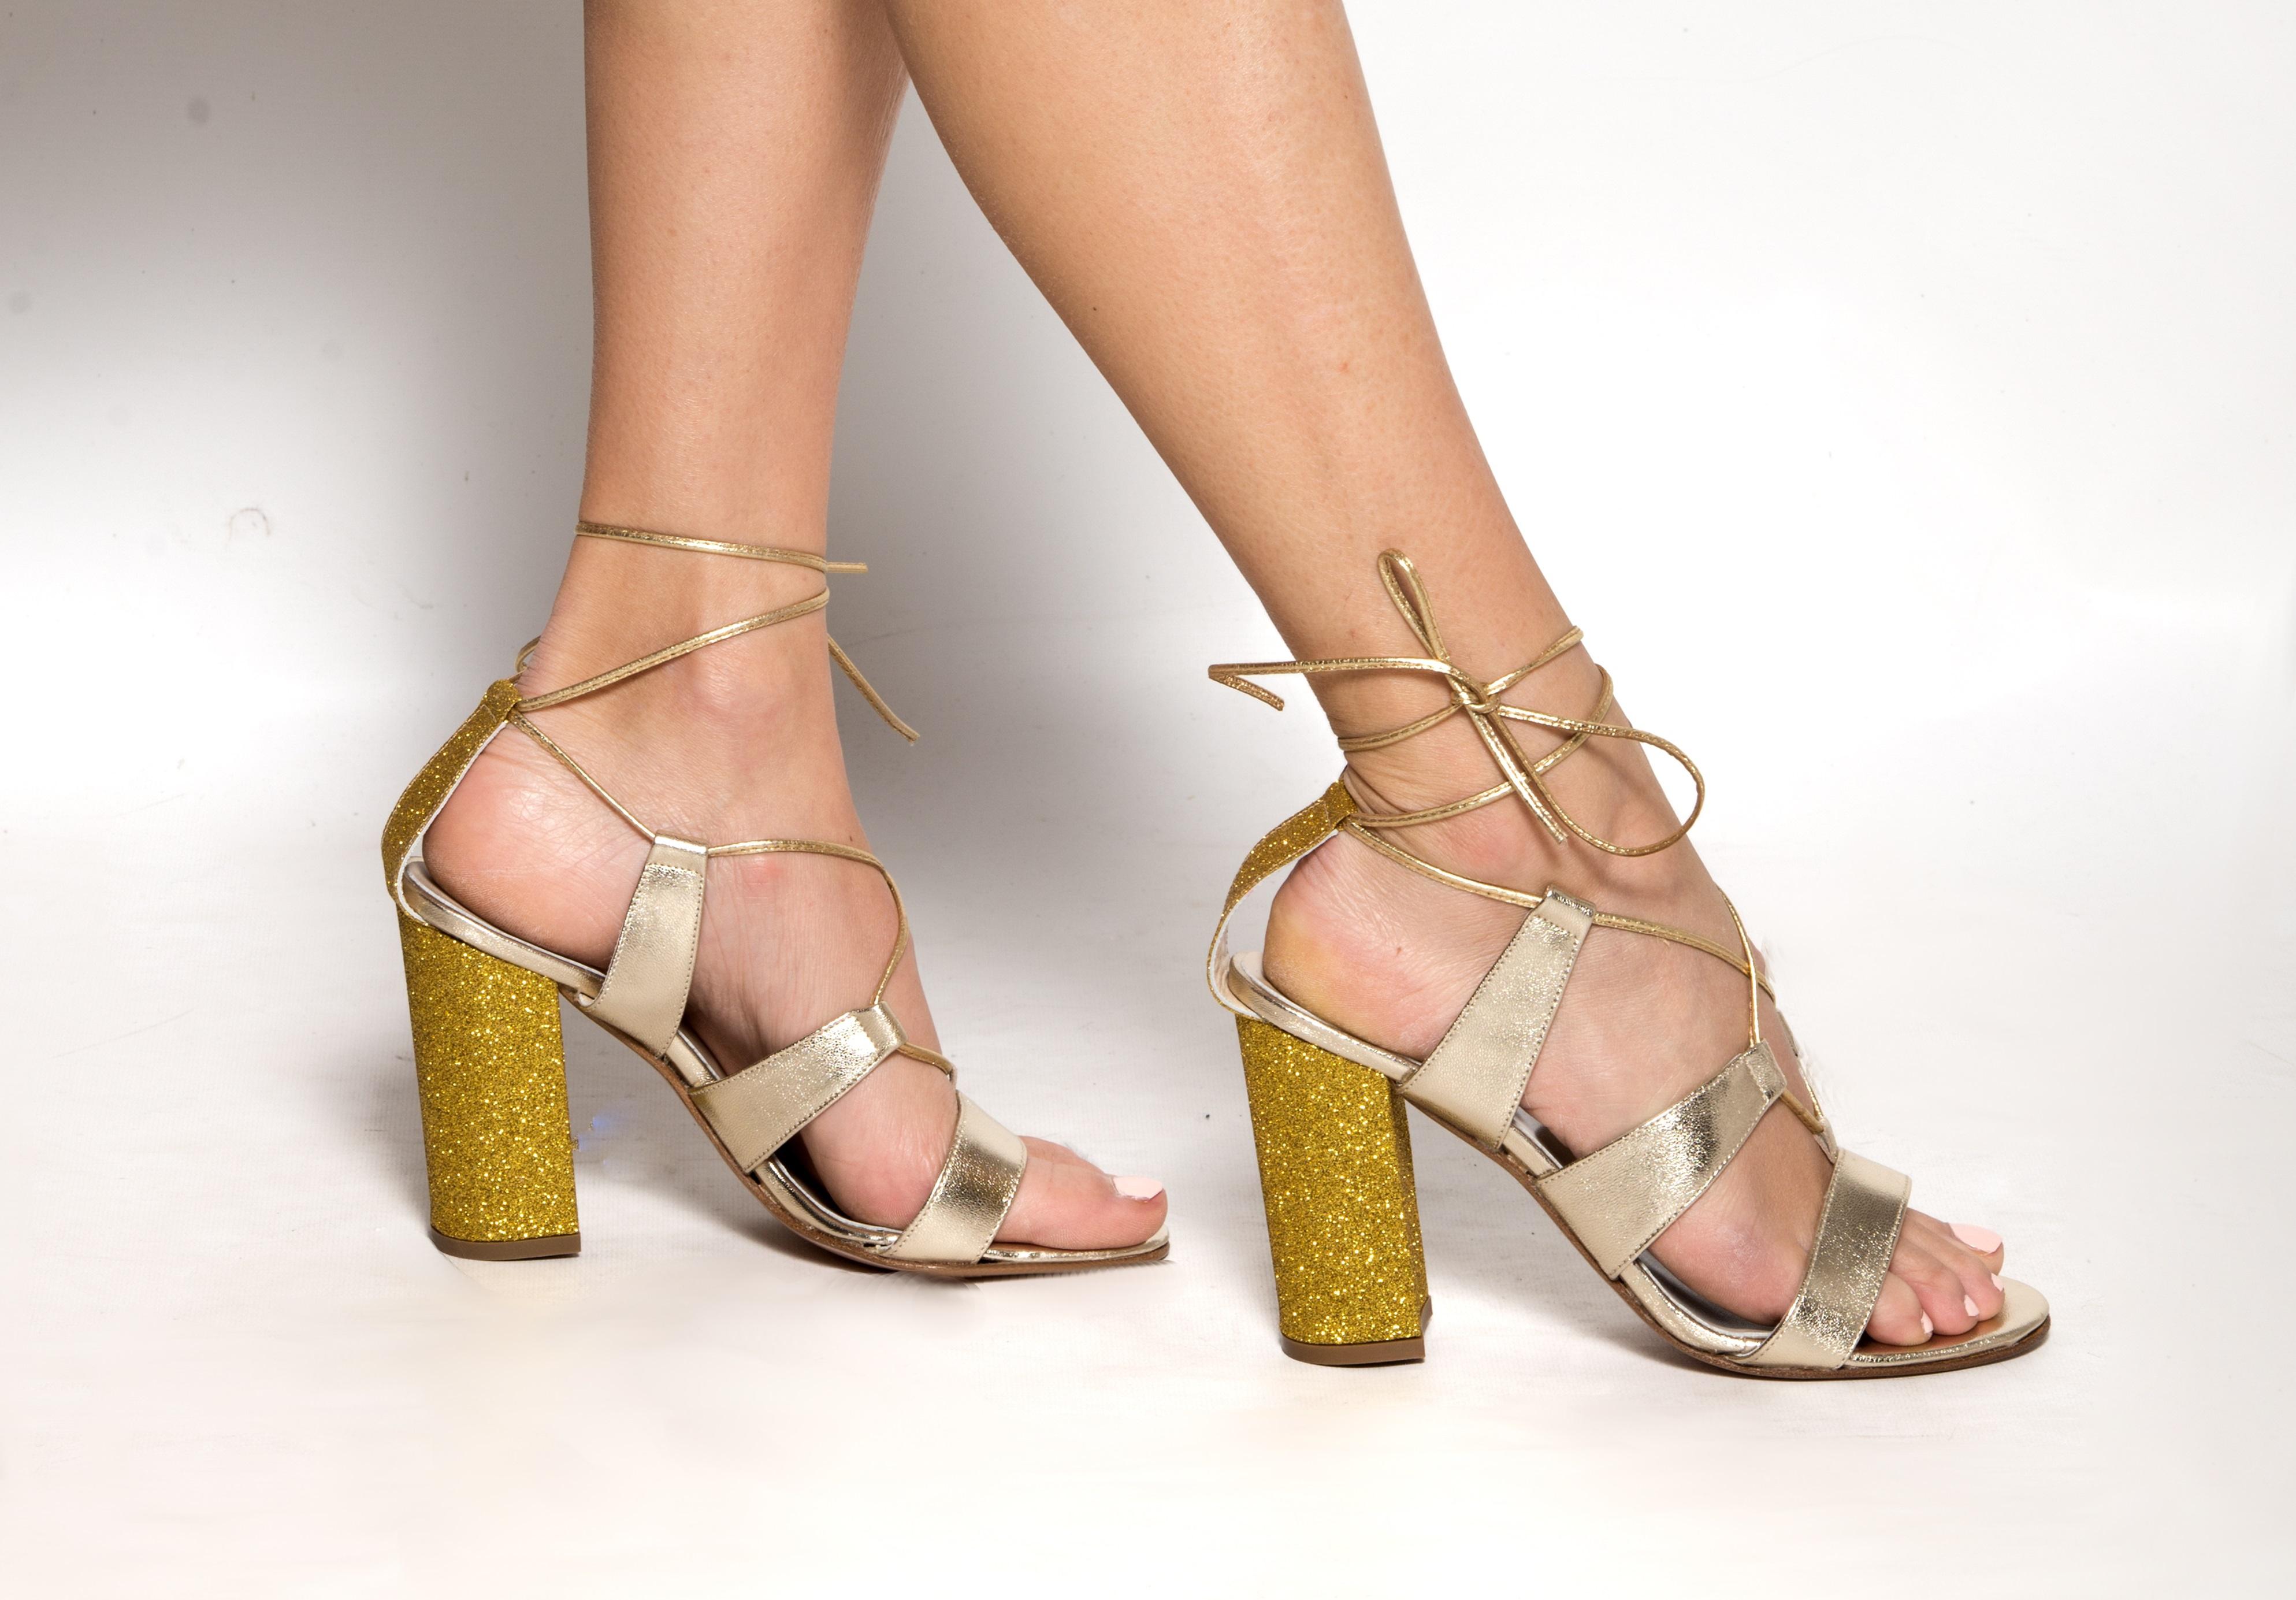 Fotos Mädchens Bein hautnah Stöckelschuh junge frau junge Frauen Nahaufnahme Großansicht High Heels